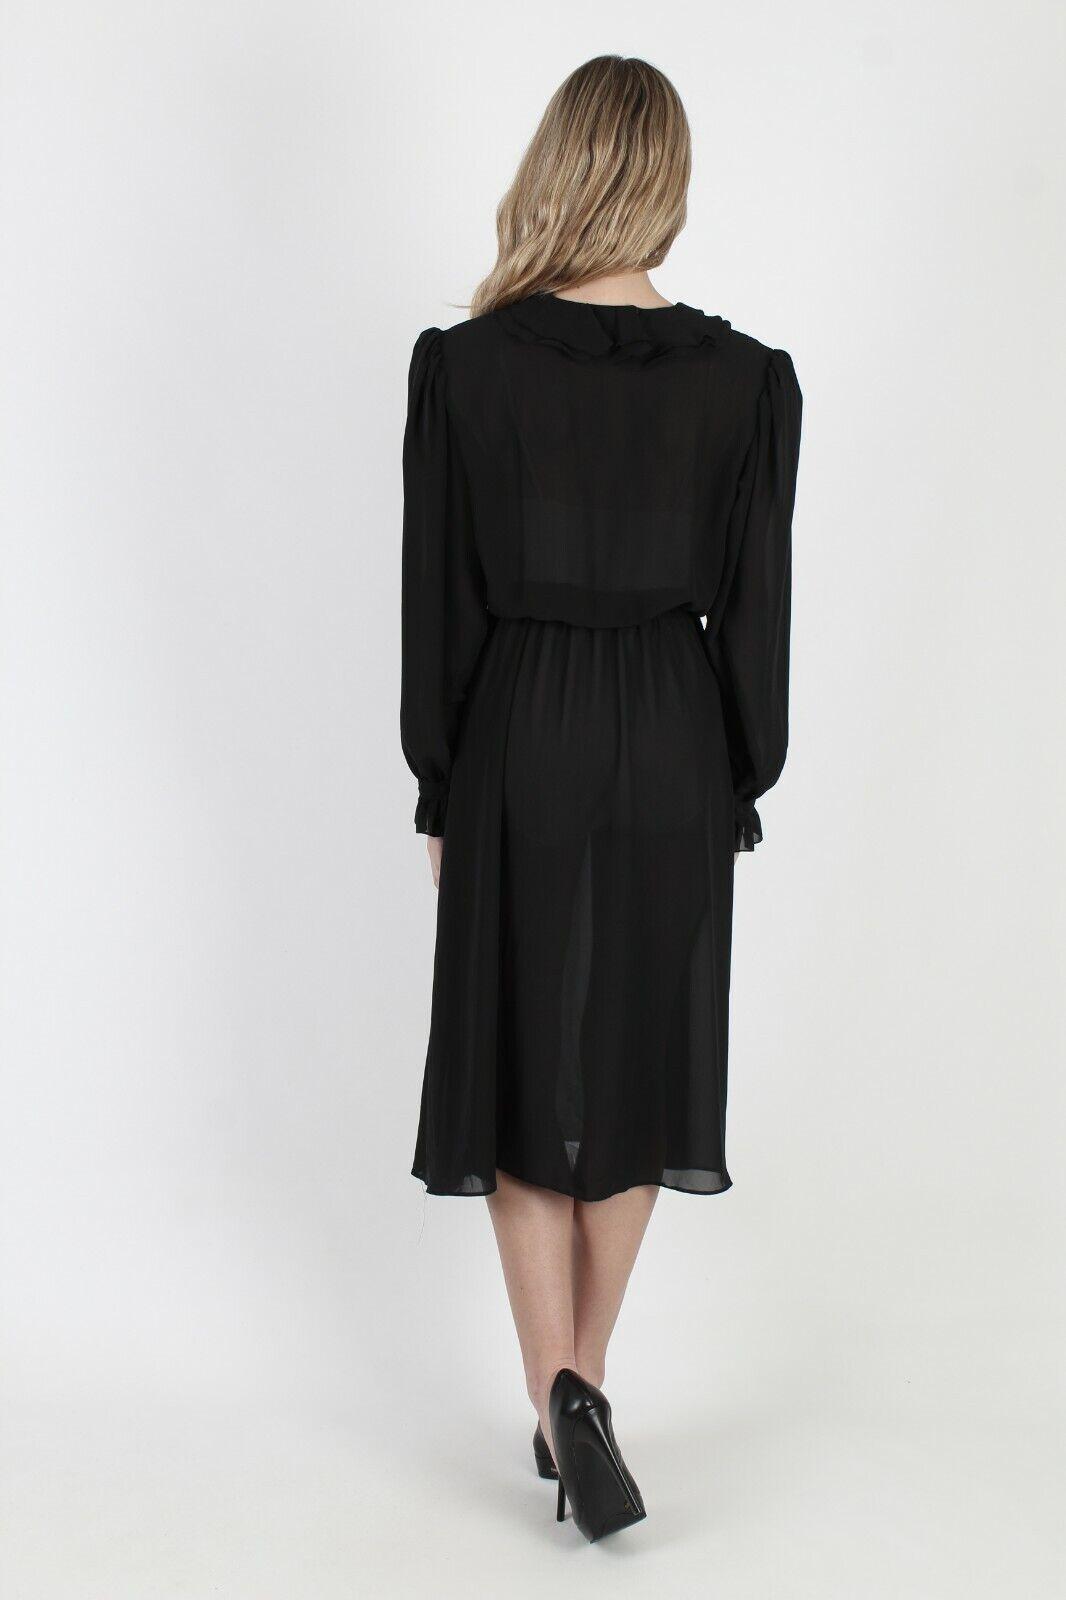 Vtg 80s Black Tuxedo Dress Sheer Ruffle Front Bel… - image 5